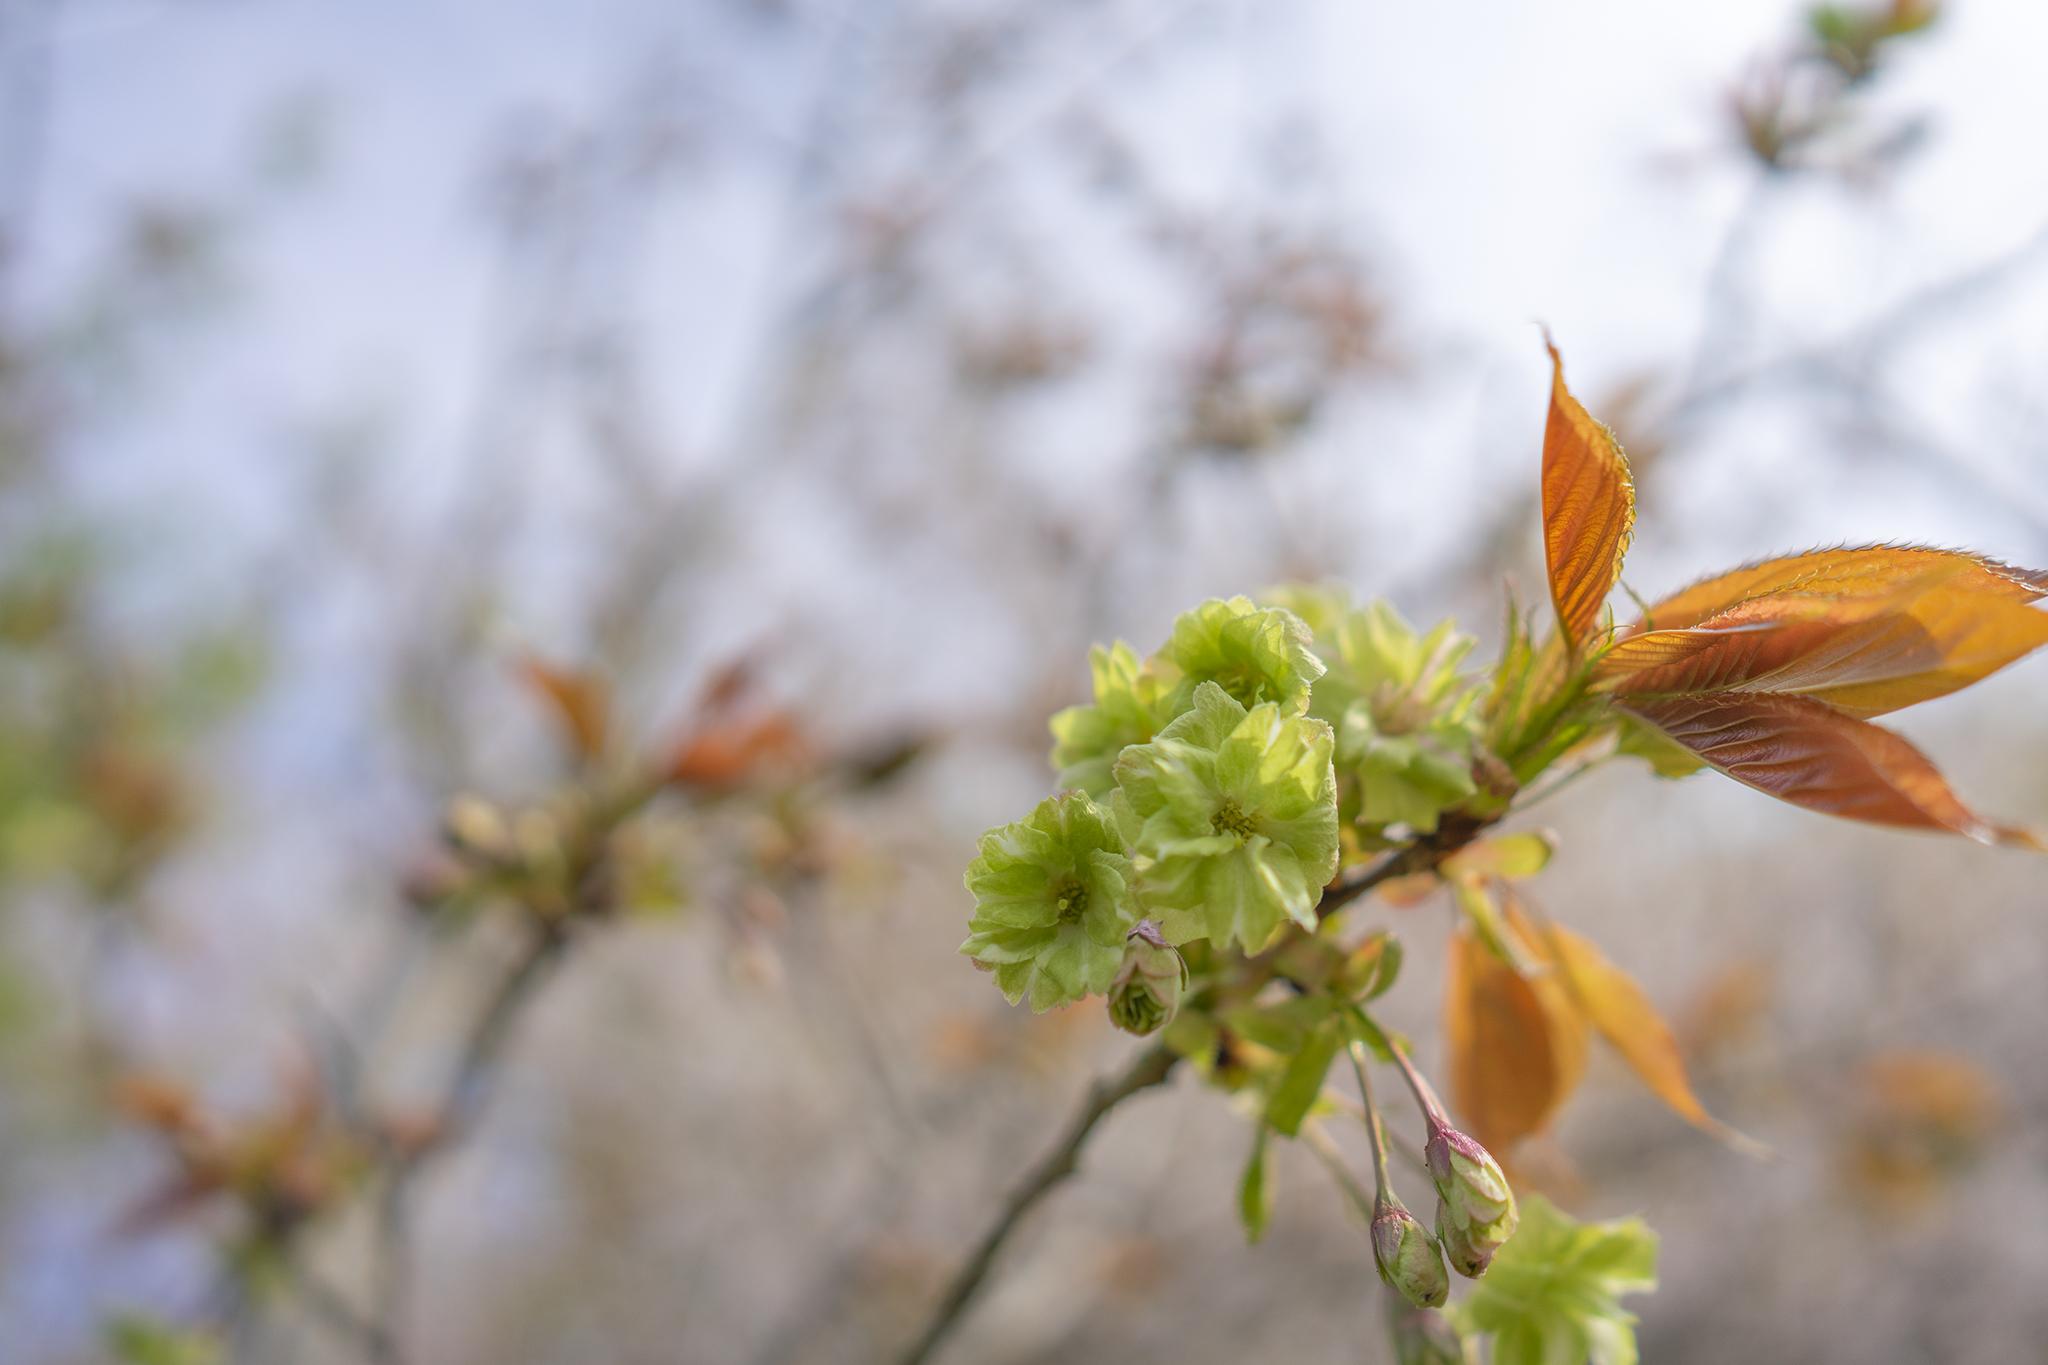 「ツインパルながお」でひっそりとお花見していたら緑色の桜「御衣黄」発見!